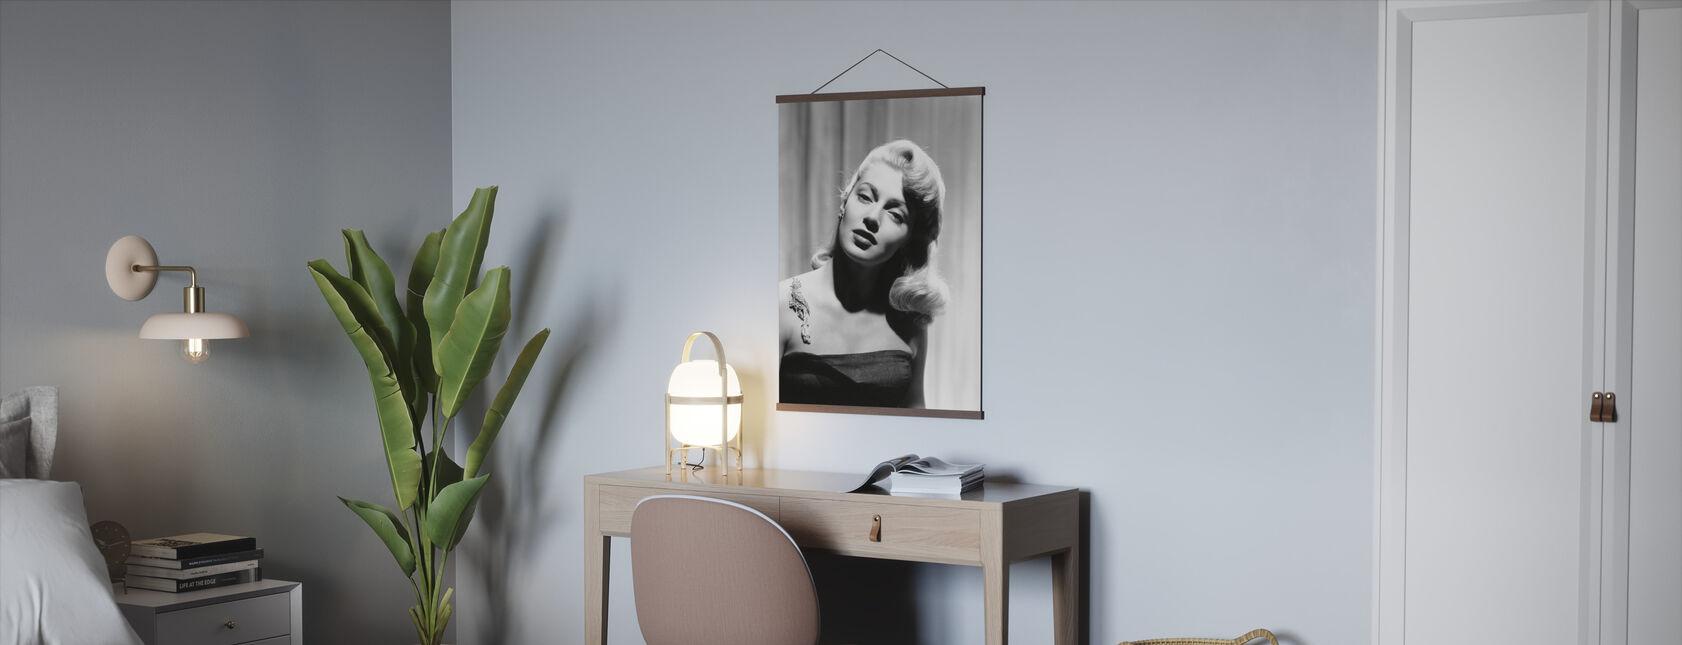 Lana Turner - Plakat - Kontor